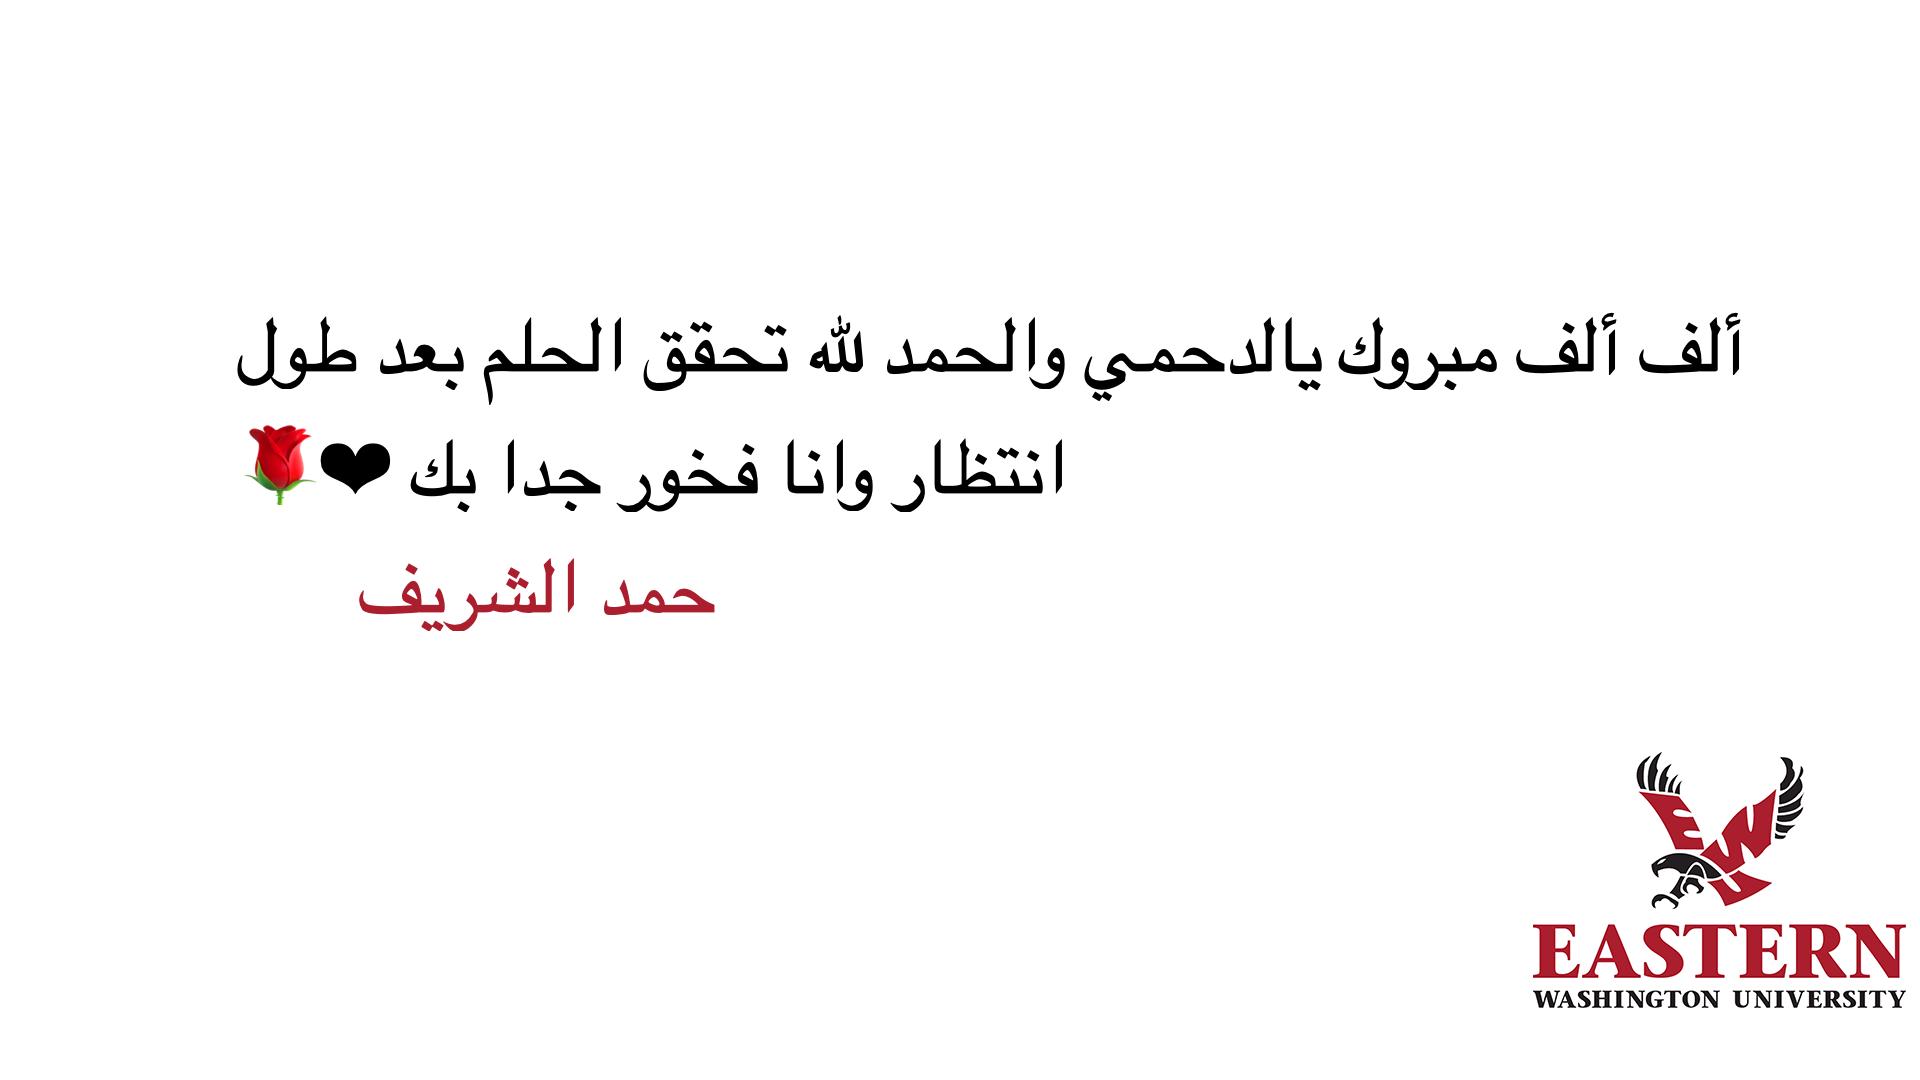 tbi_abdulrahman-abdullah-a_2145.png